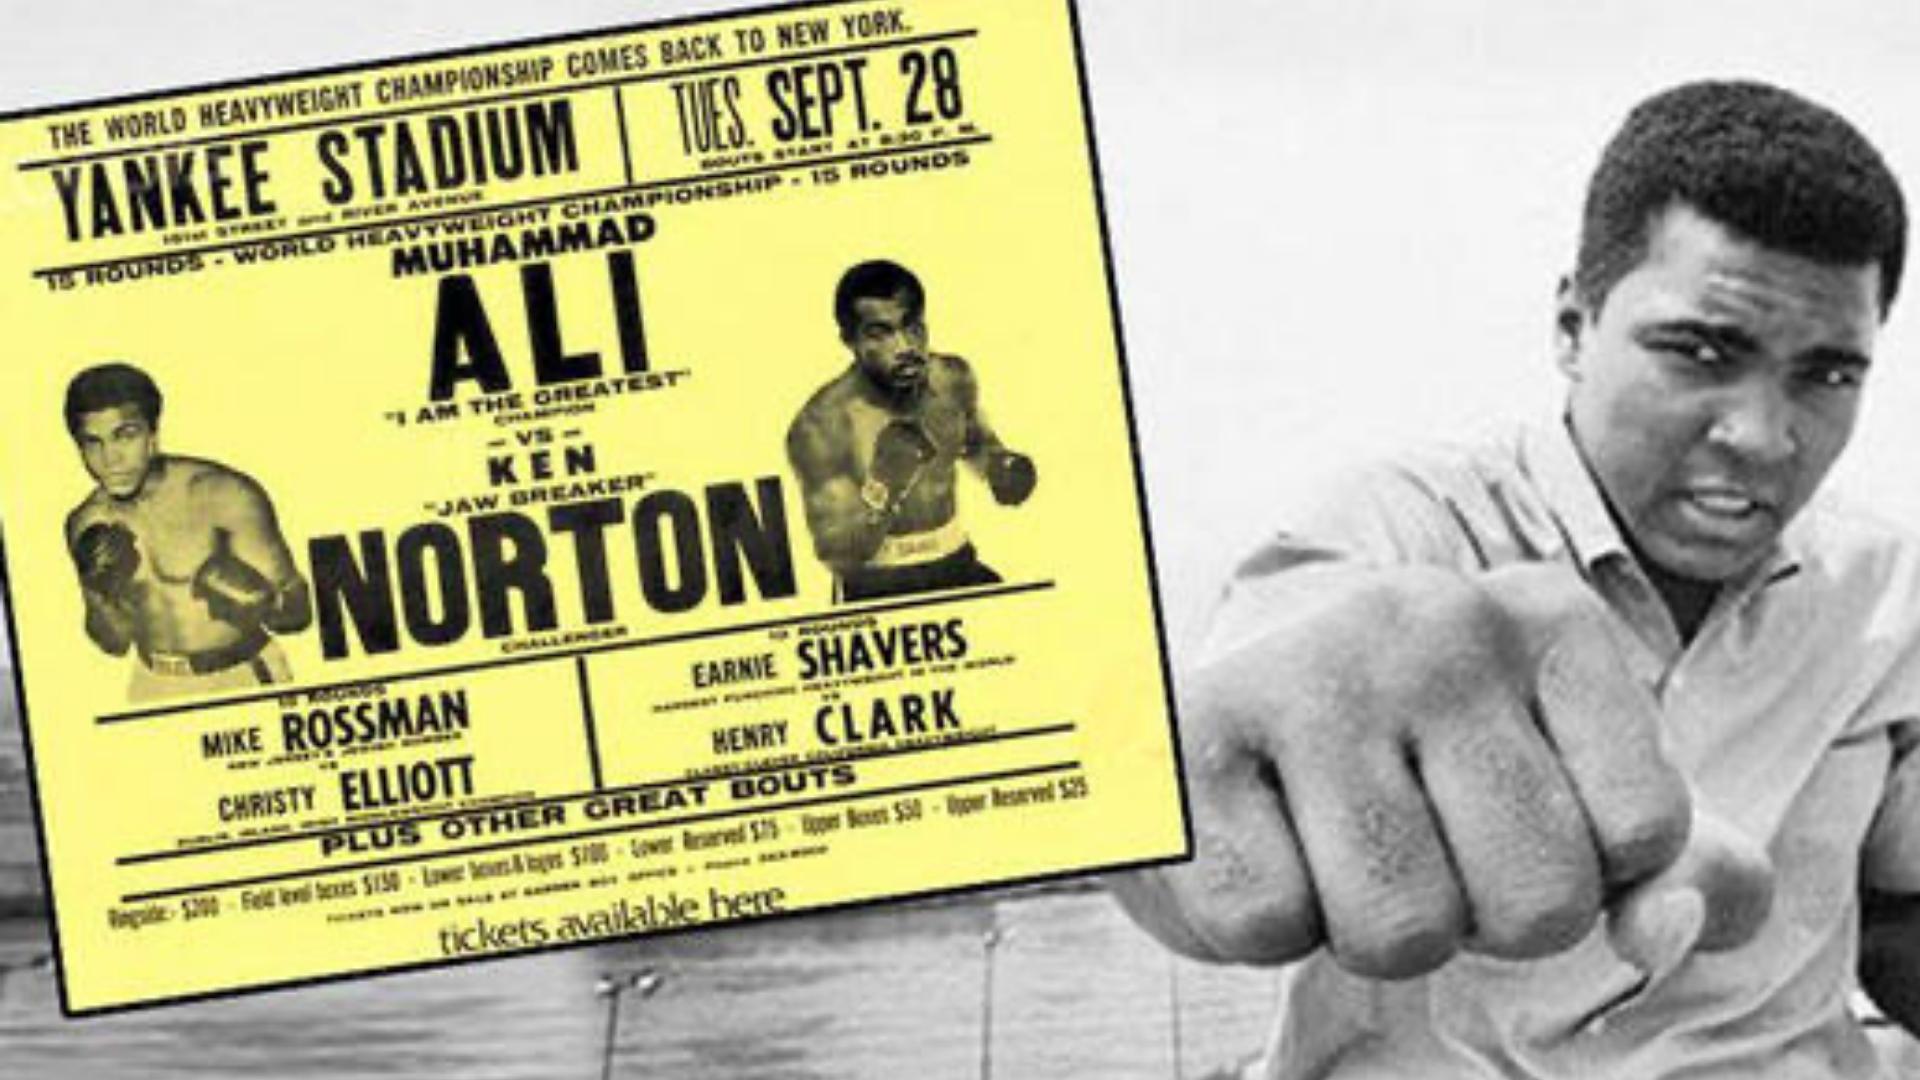 Ali ve Ken Norton maç afişinin bir görseli.